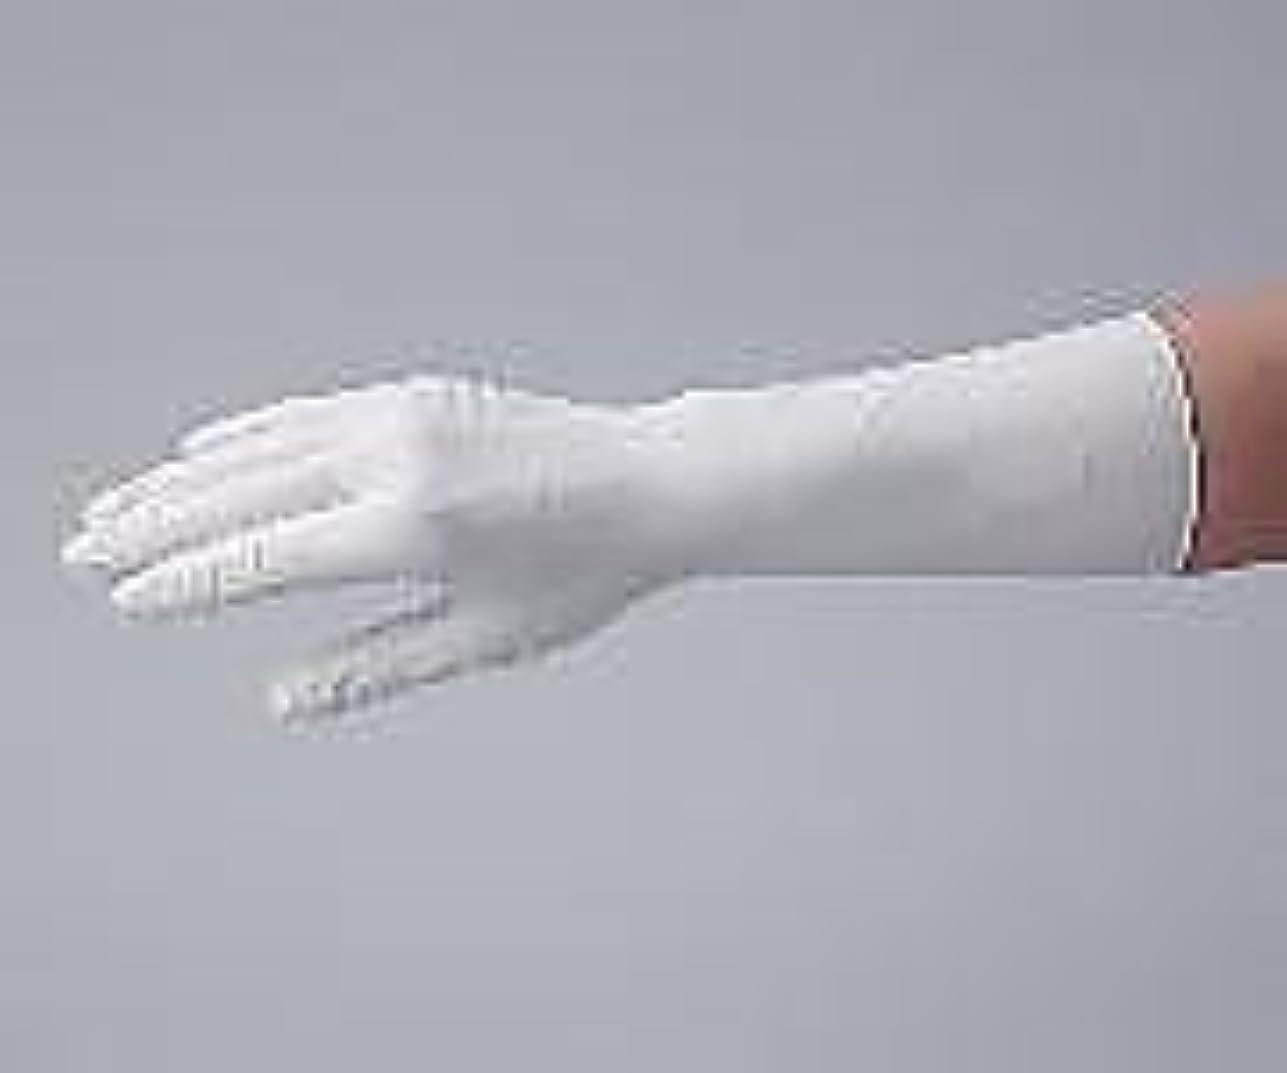 ゴール二十ところでアズピュア(アズワン)1-2324-55アズピュアクリーンファーストニトリル手袋(ペアタイプ)クリーンパックXL左右各50枚×10袋入